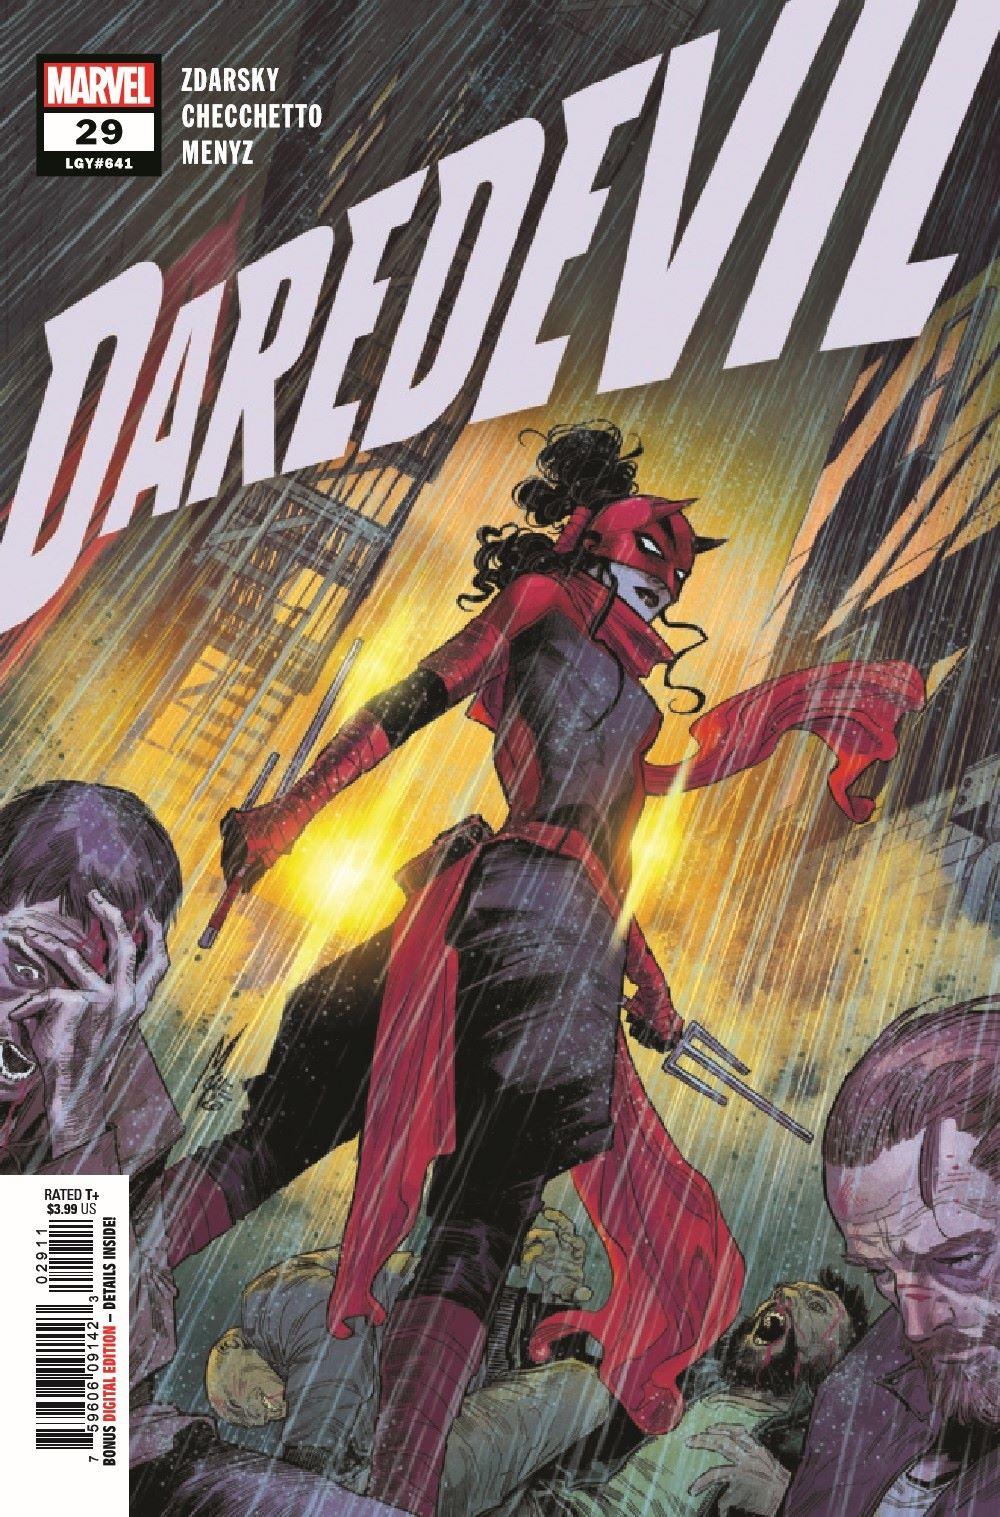 DD2019029_Preview-1 ComicList Previews: DAREDEVIL #29